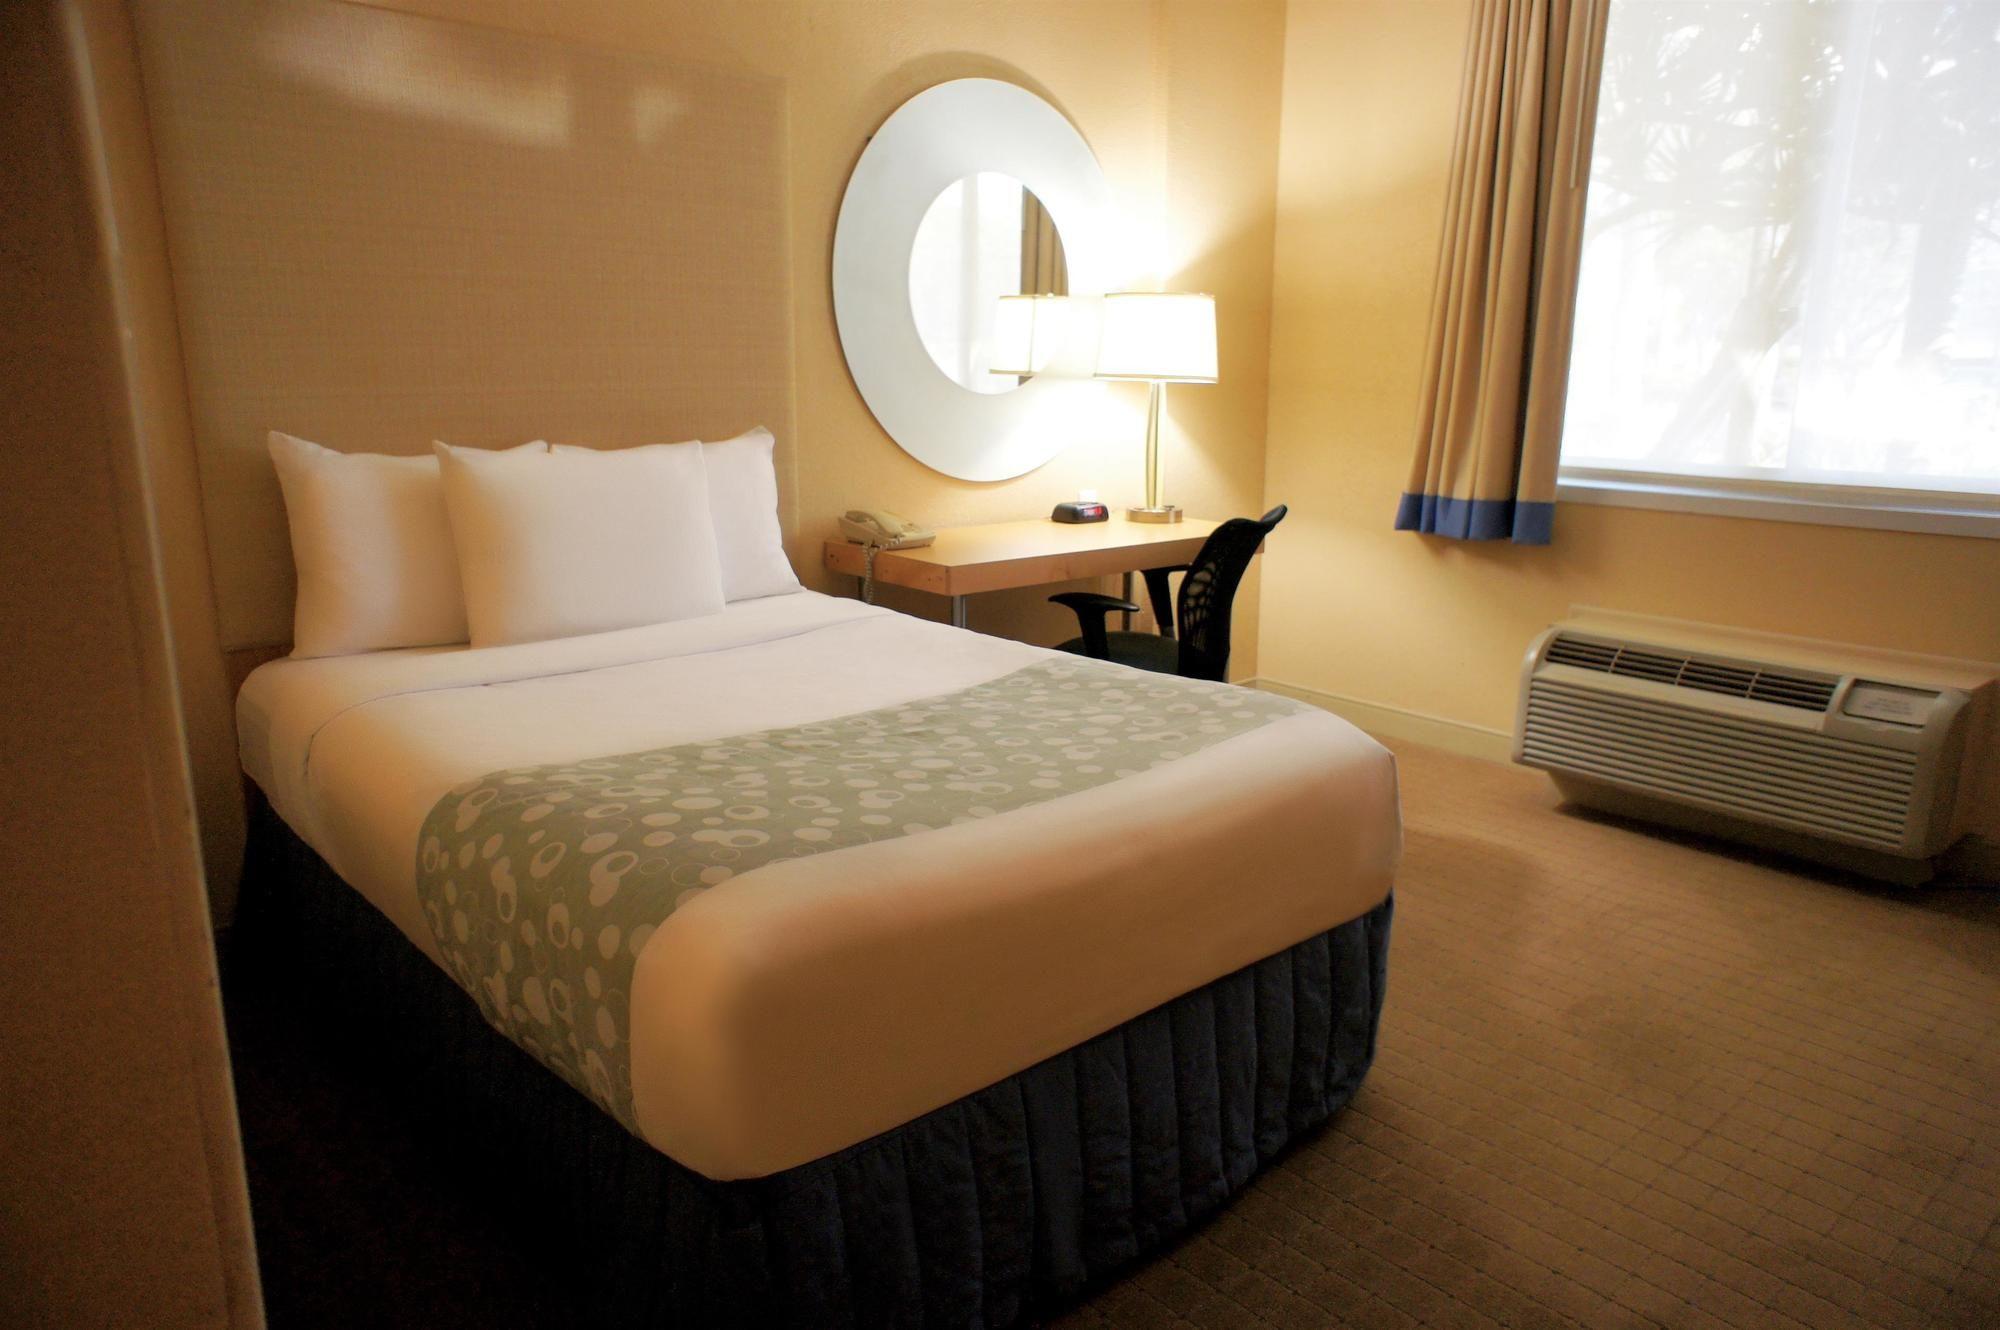 La Quinta Inn & Suites Sunrise in Sunrise, FL